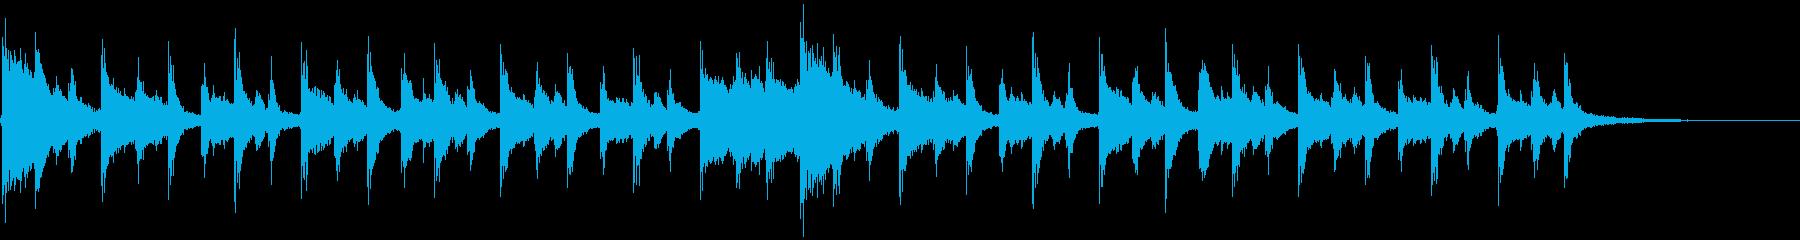 20秒程度の短い曲です。CMなどを想定…の再生済みの波形